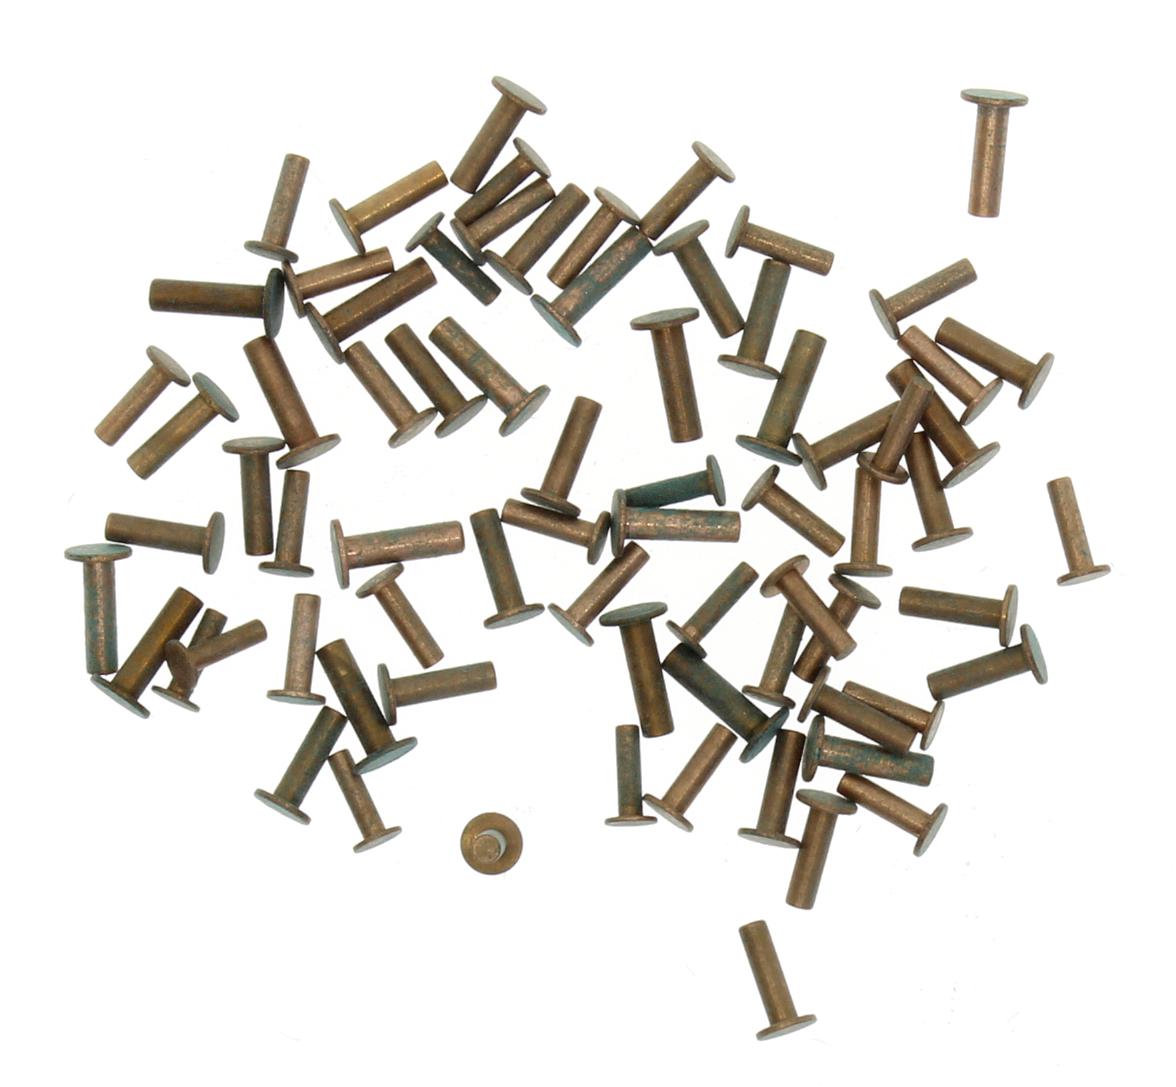 Pieds de cadrans pour montres mécaniques et à quartz, en paquet de 100 pièces